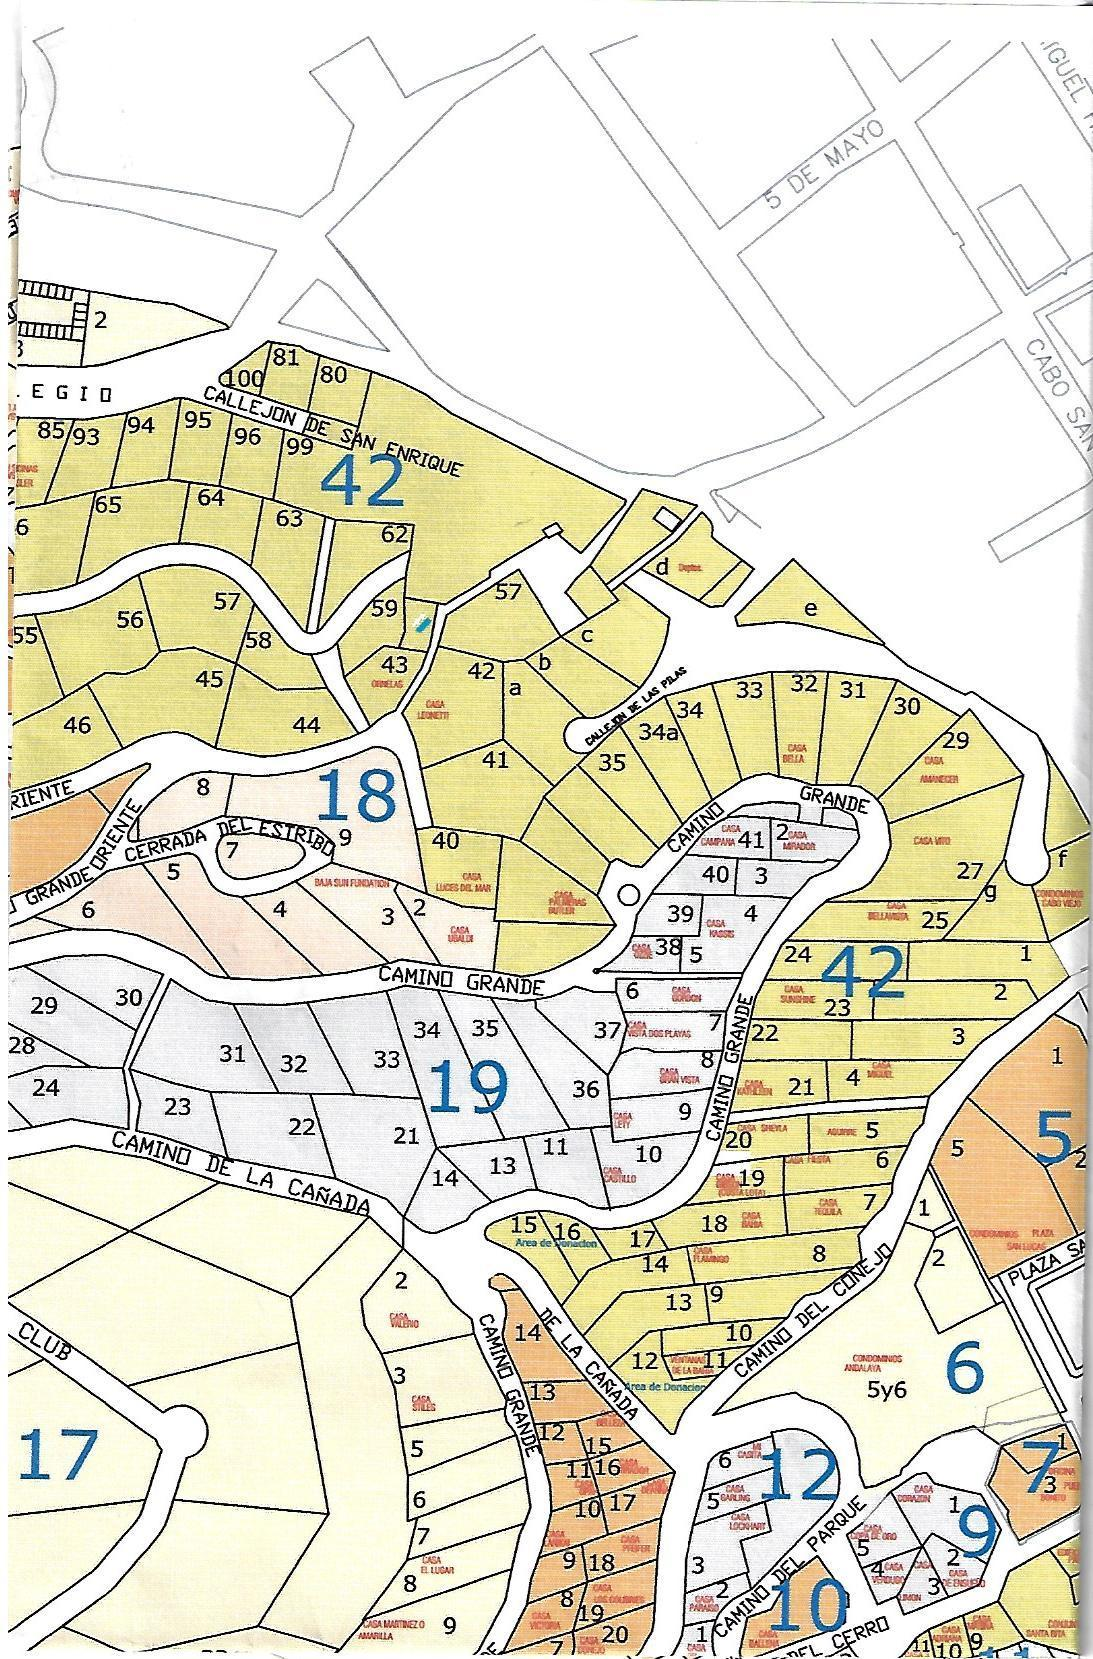 Lot 33 Block 42-6